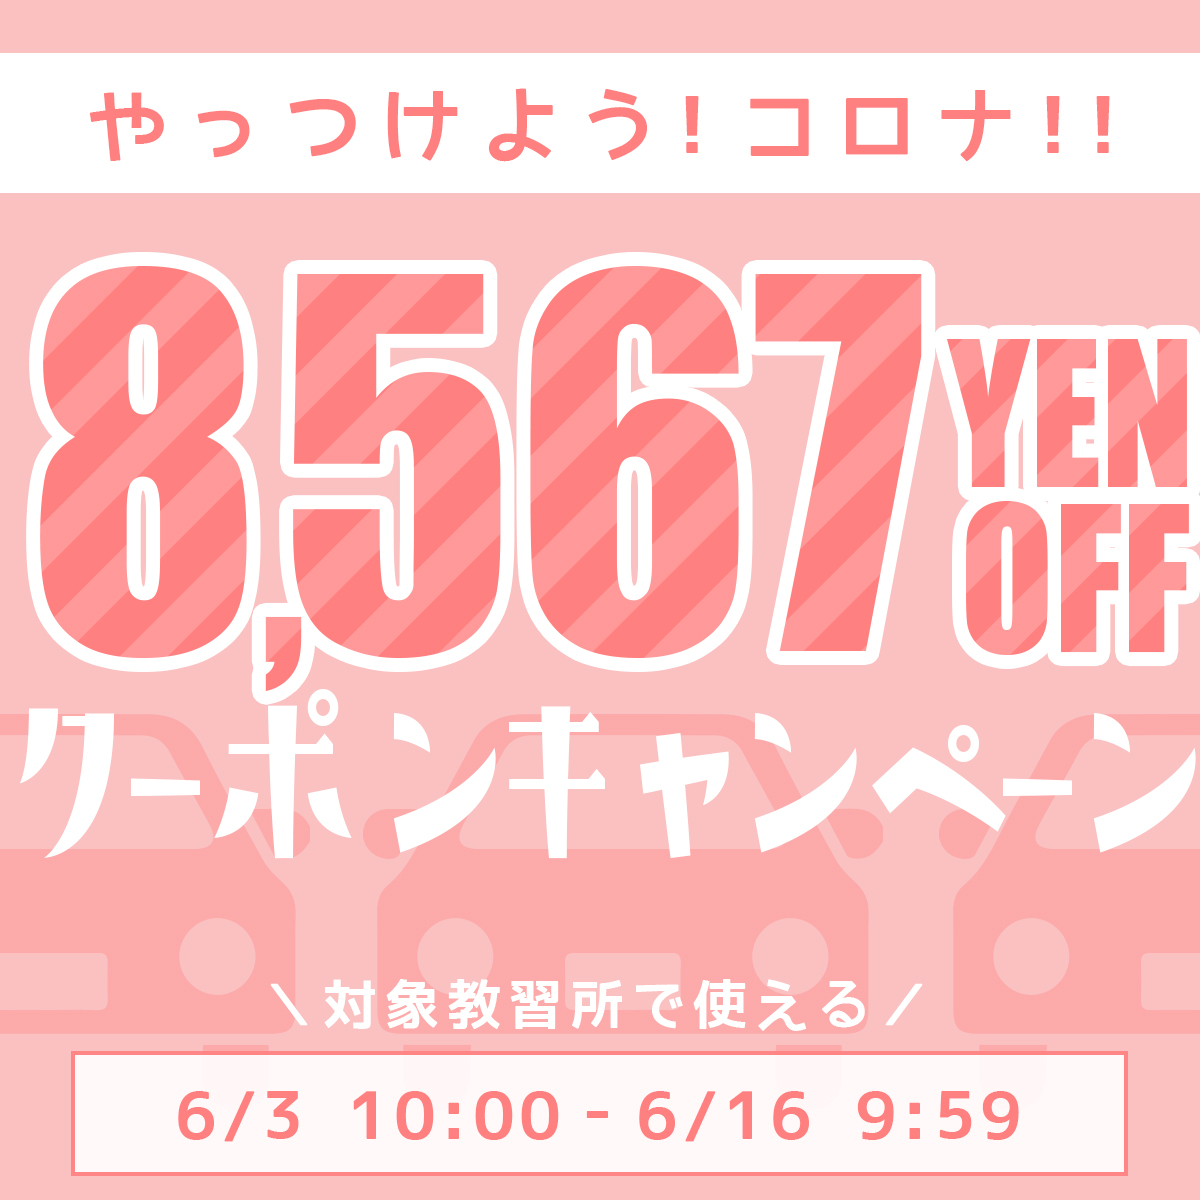 楽天教習所ナビ 対象教習所限定8,567円クーポン